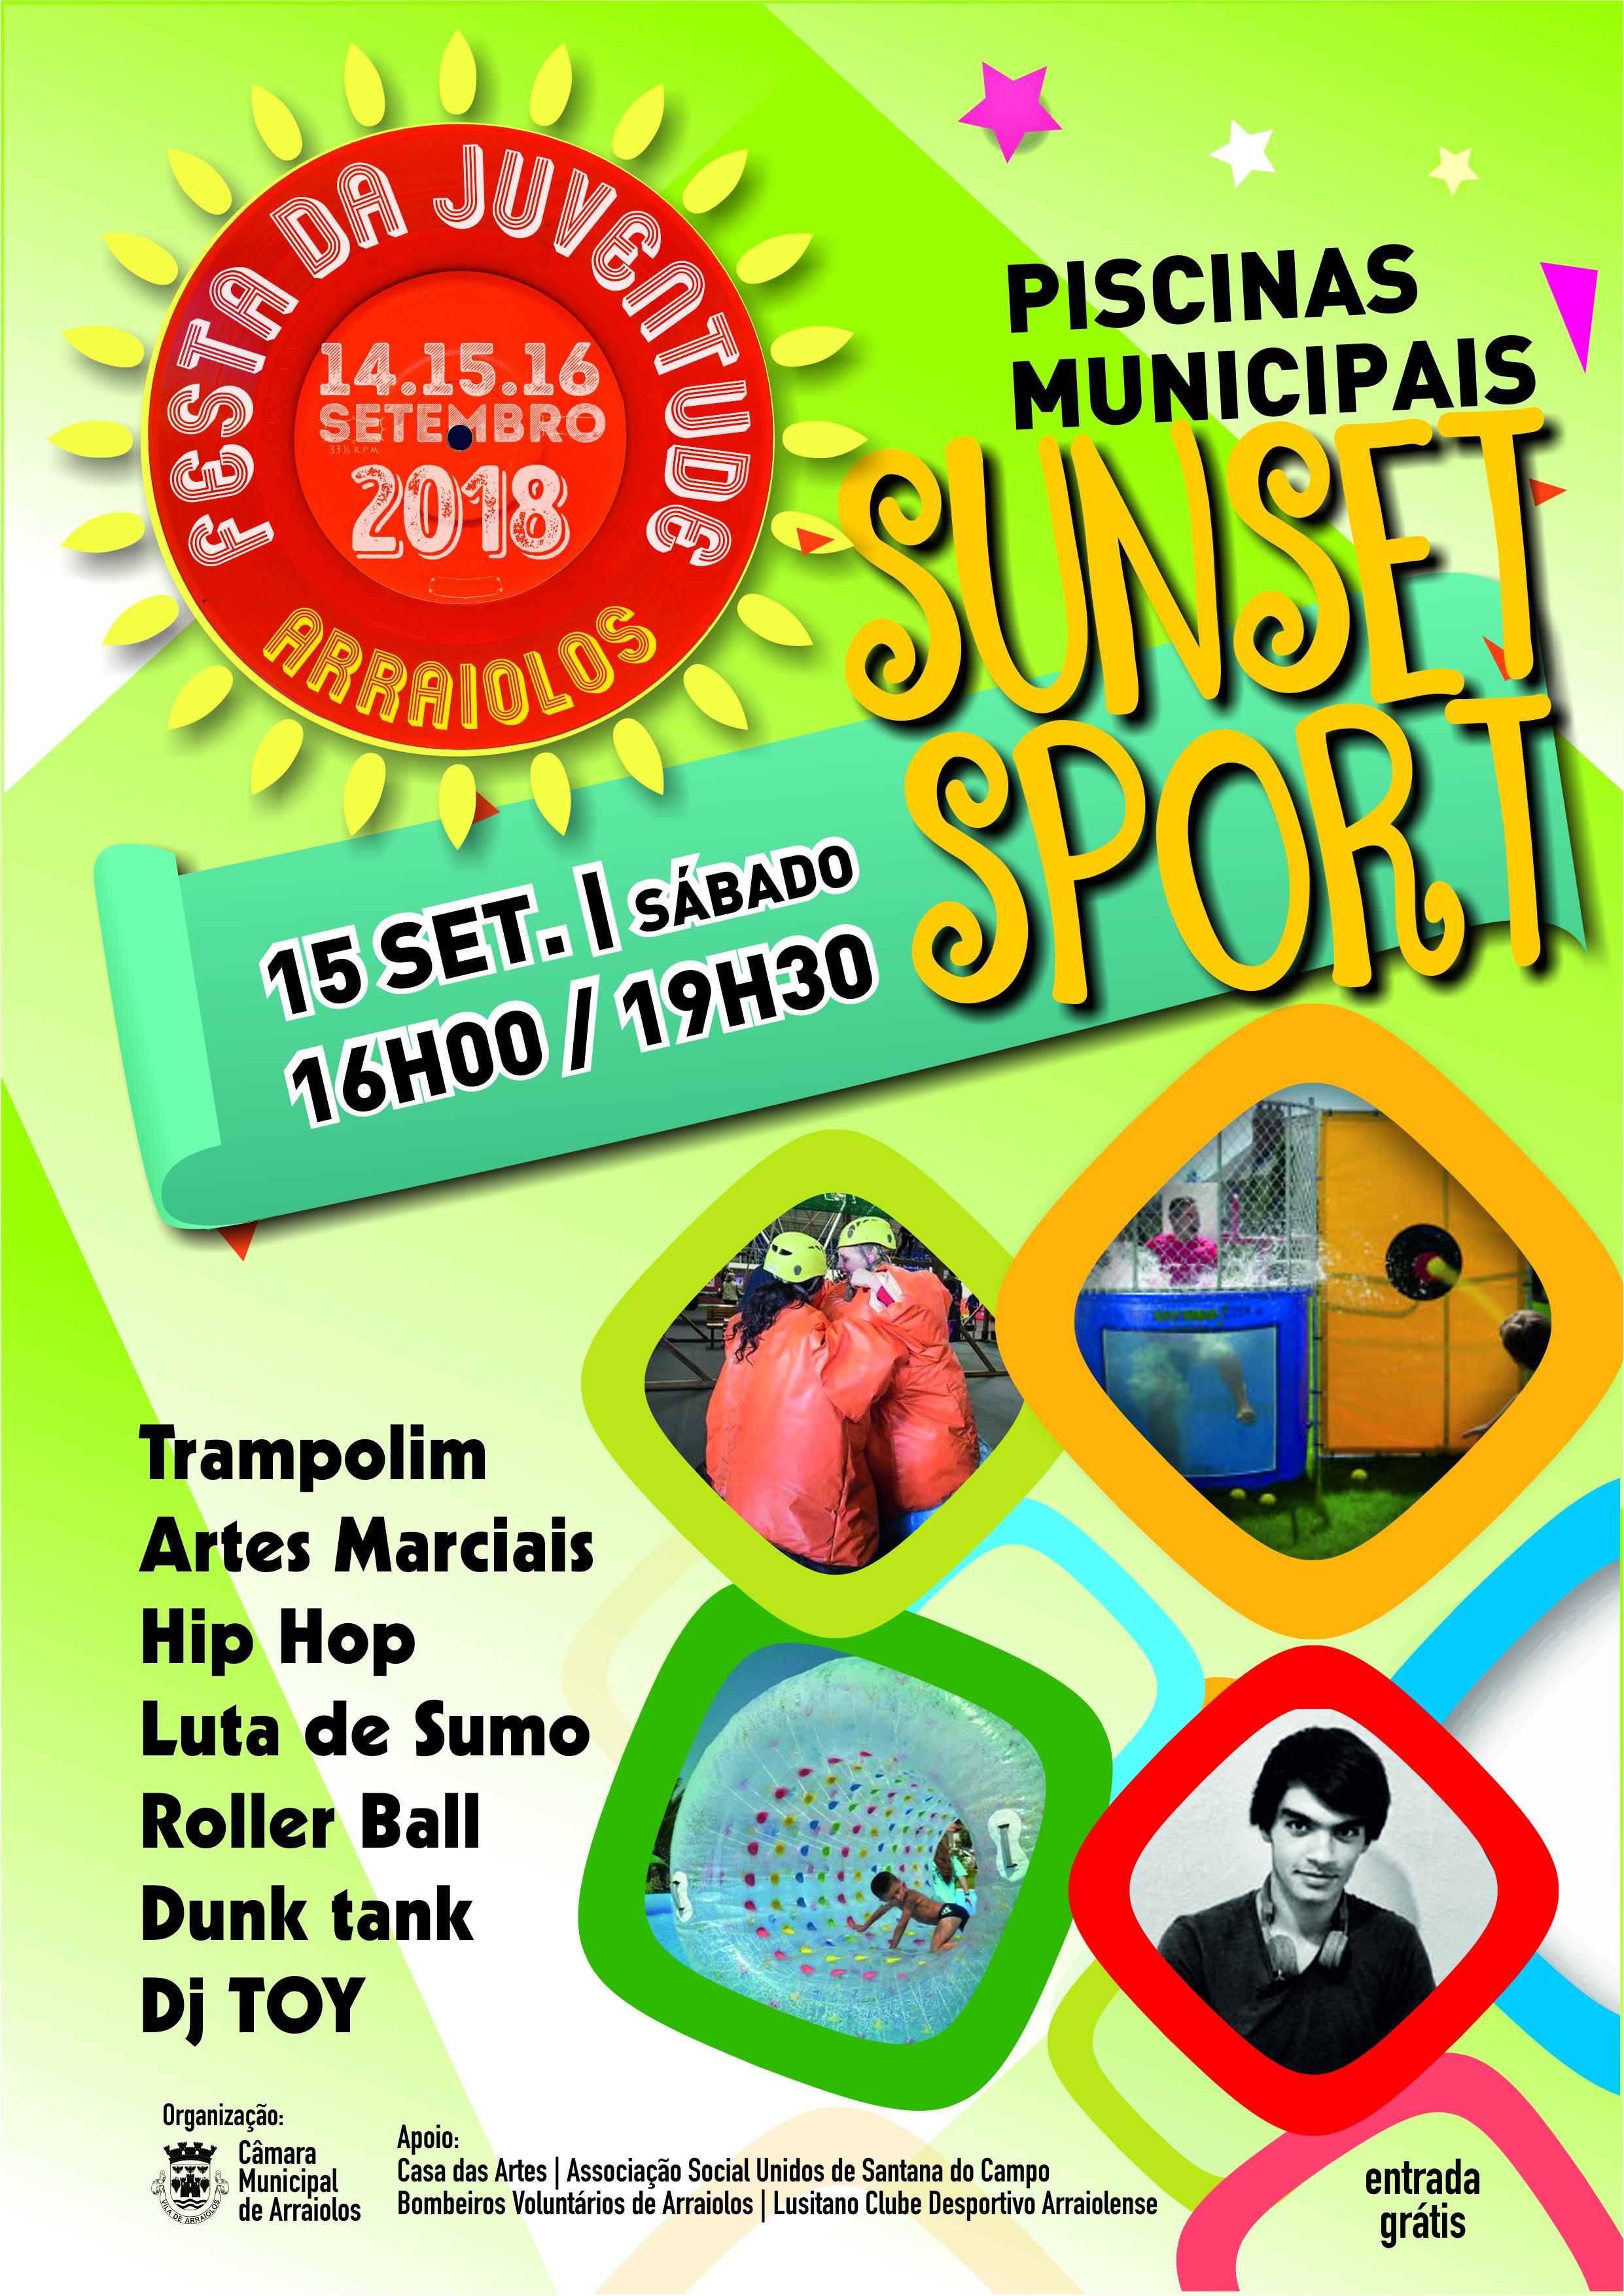 Festa da Juventude Sunset Sport 2018.jpg